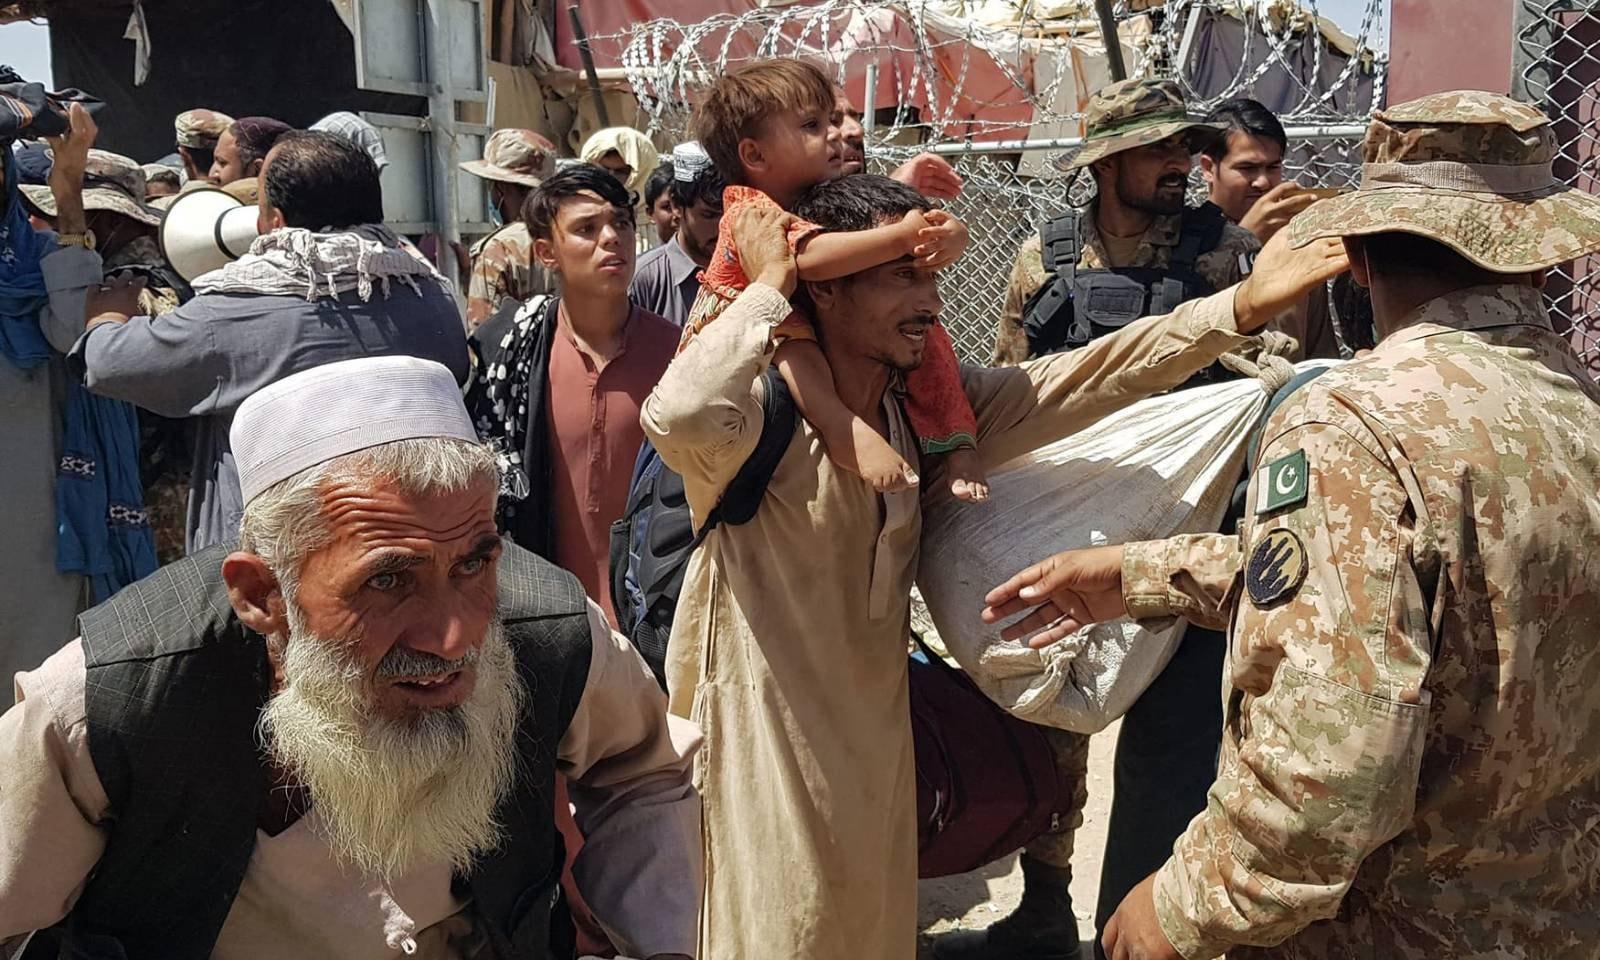 پاکستانی فوجی، چمن میں کراسنگ پوائنٹ سے آنے والے افغان شہریوں کی چیکنگ میں مصروف ہیں —فوٹو: اے ایف پی